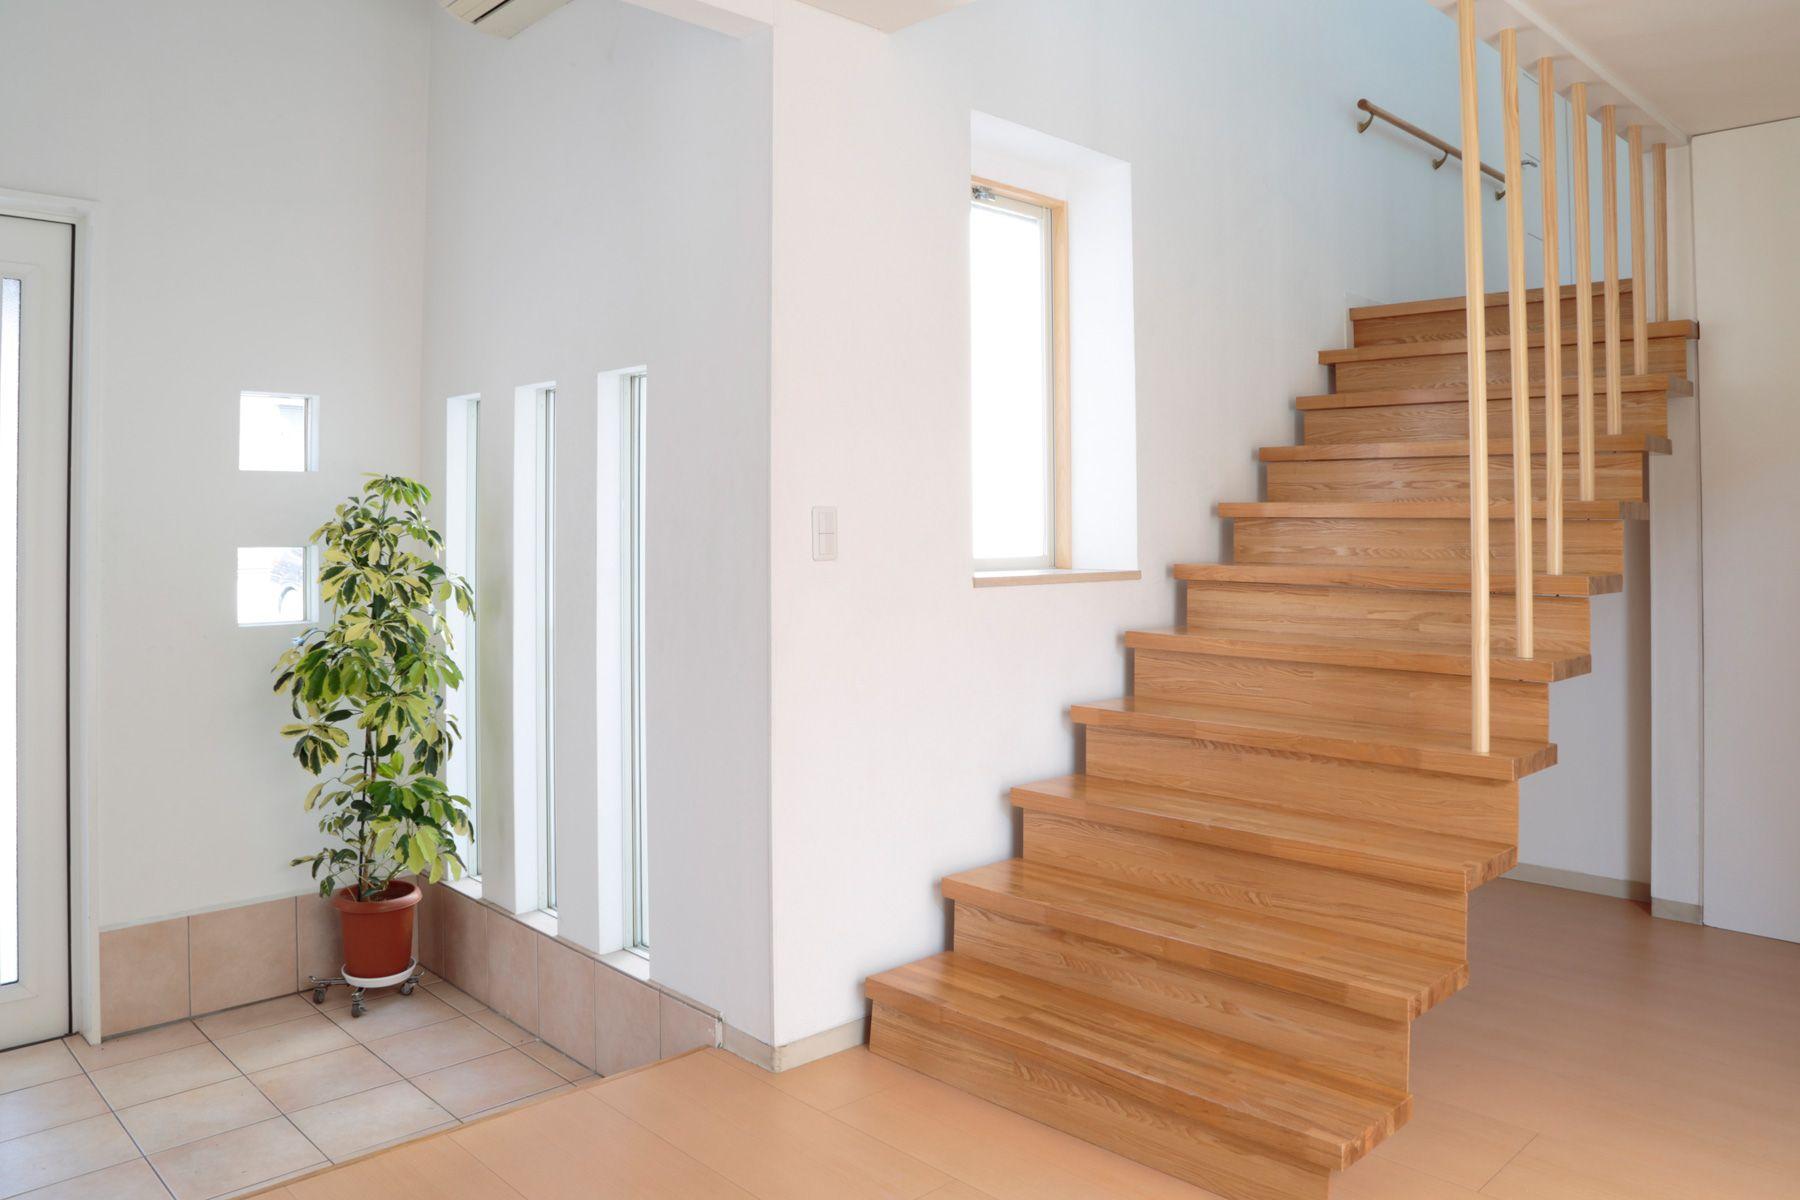 つつじが丘キッチン&ハウススタジオ1F_階段